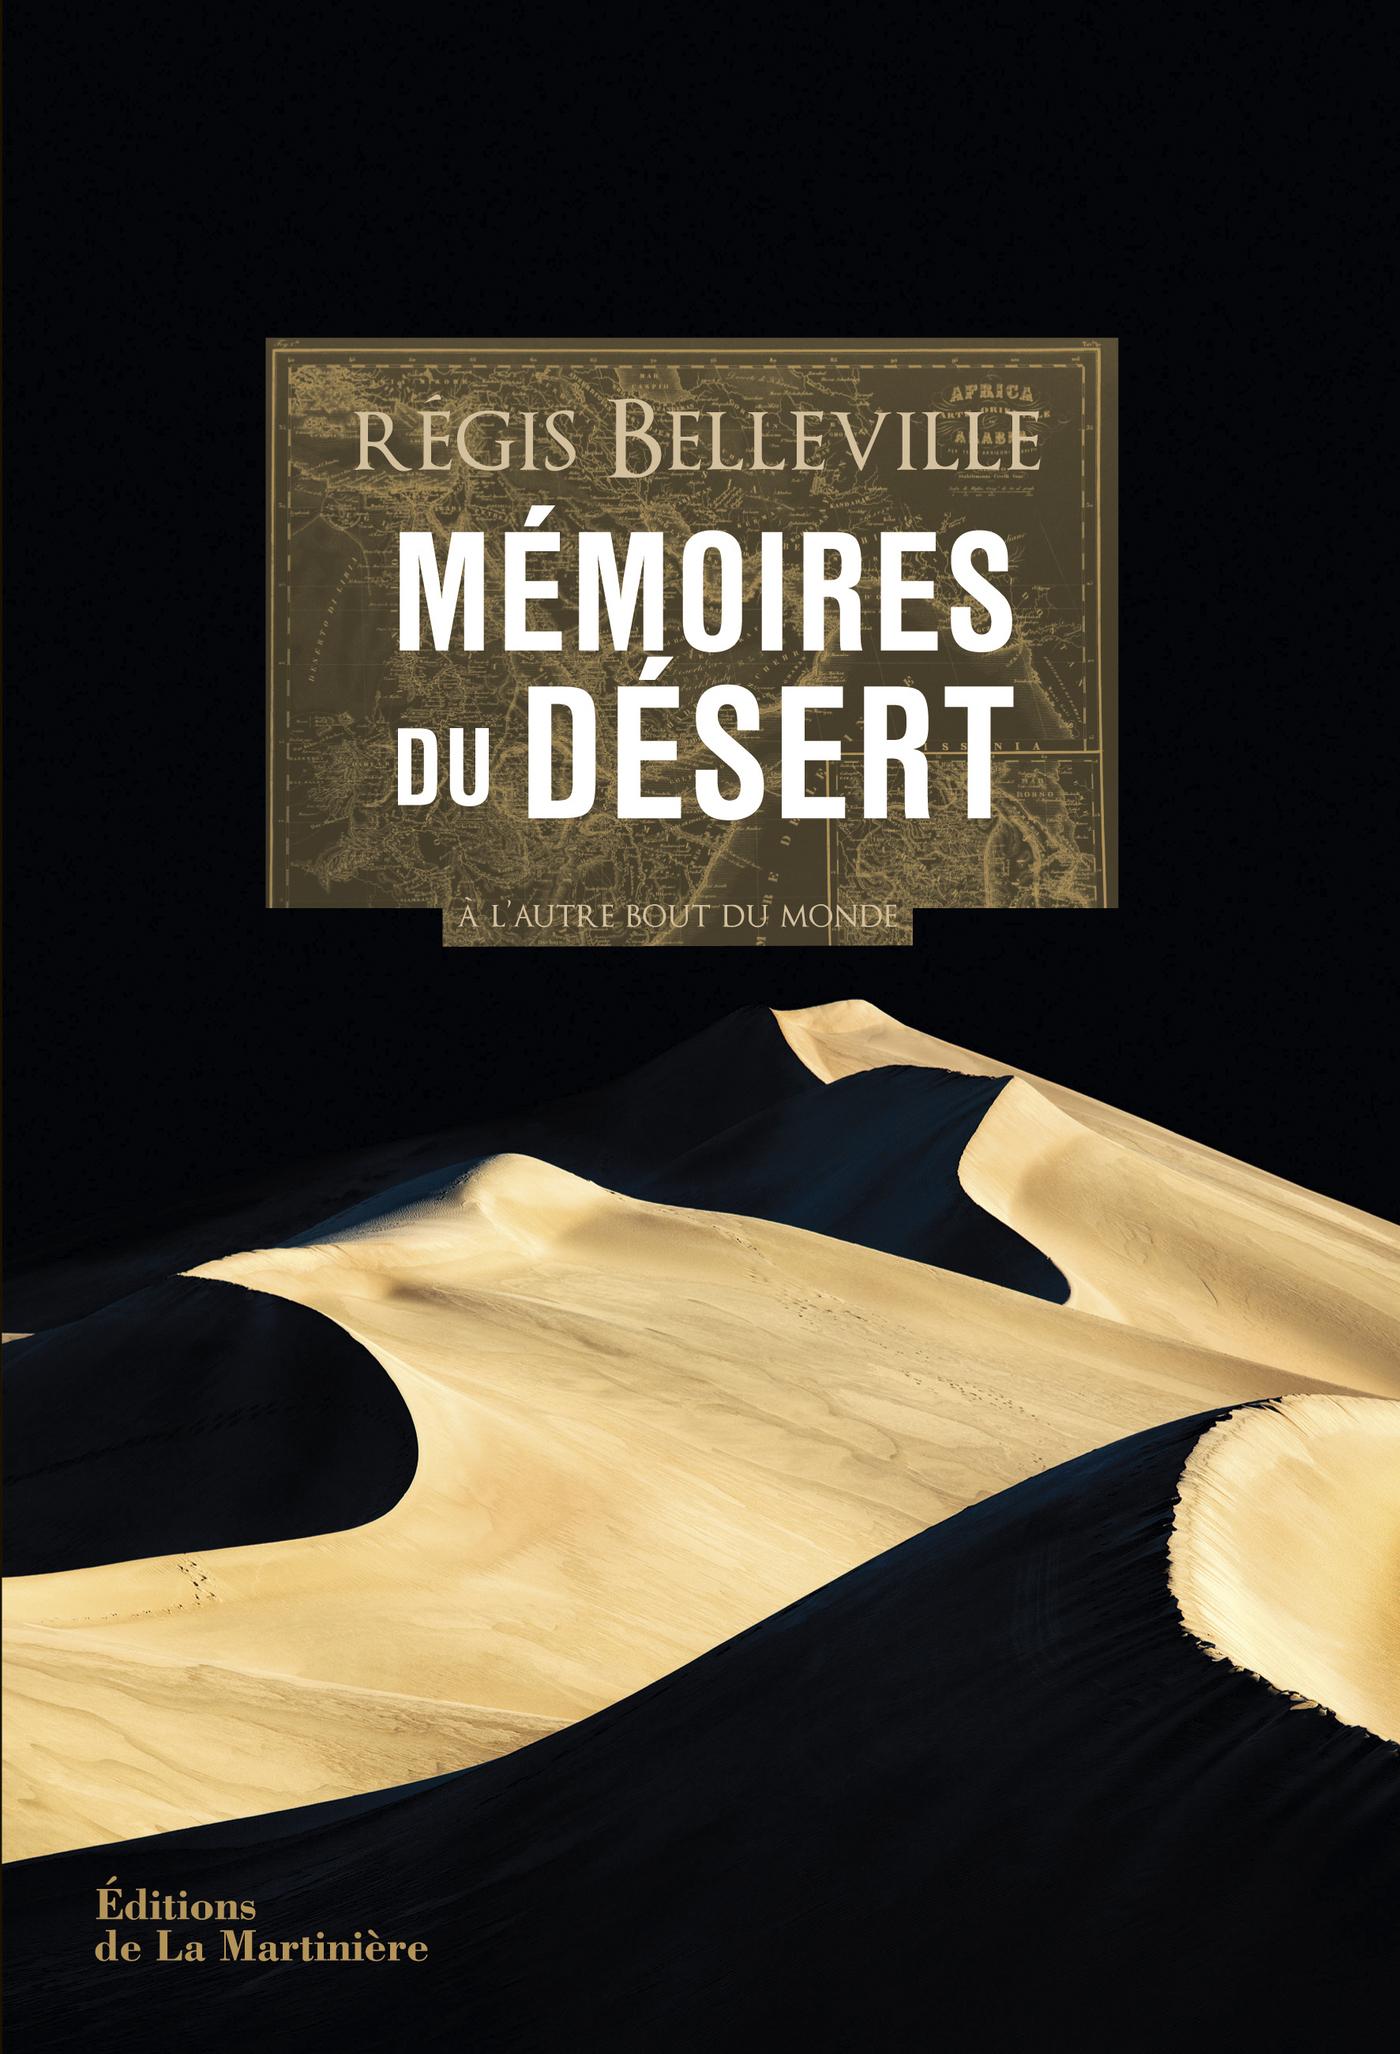 Mémoires du désert. A l'autre bout du monde